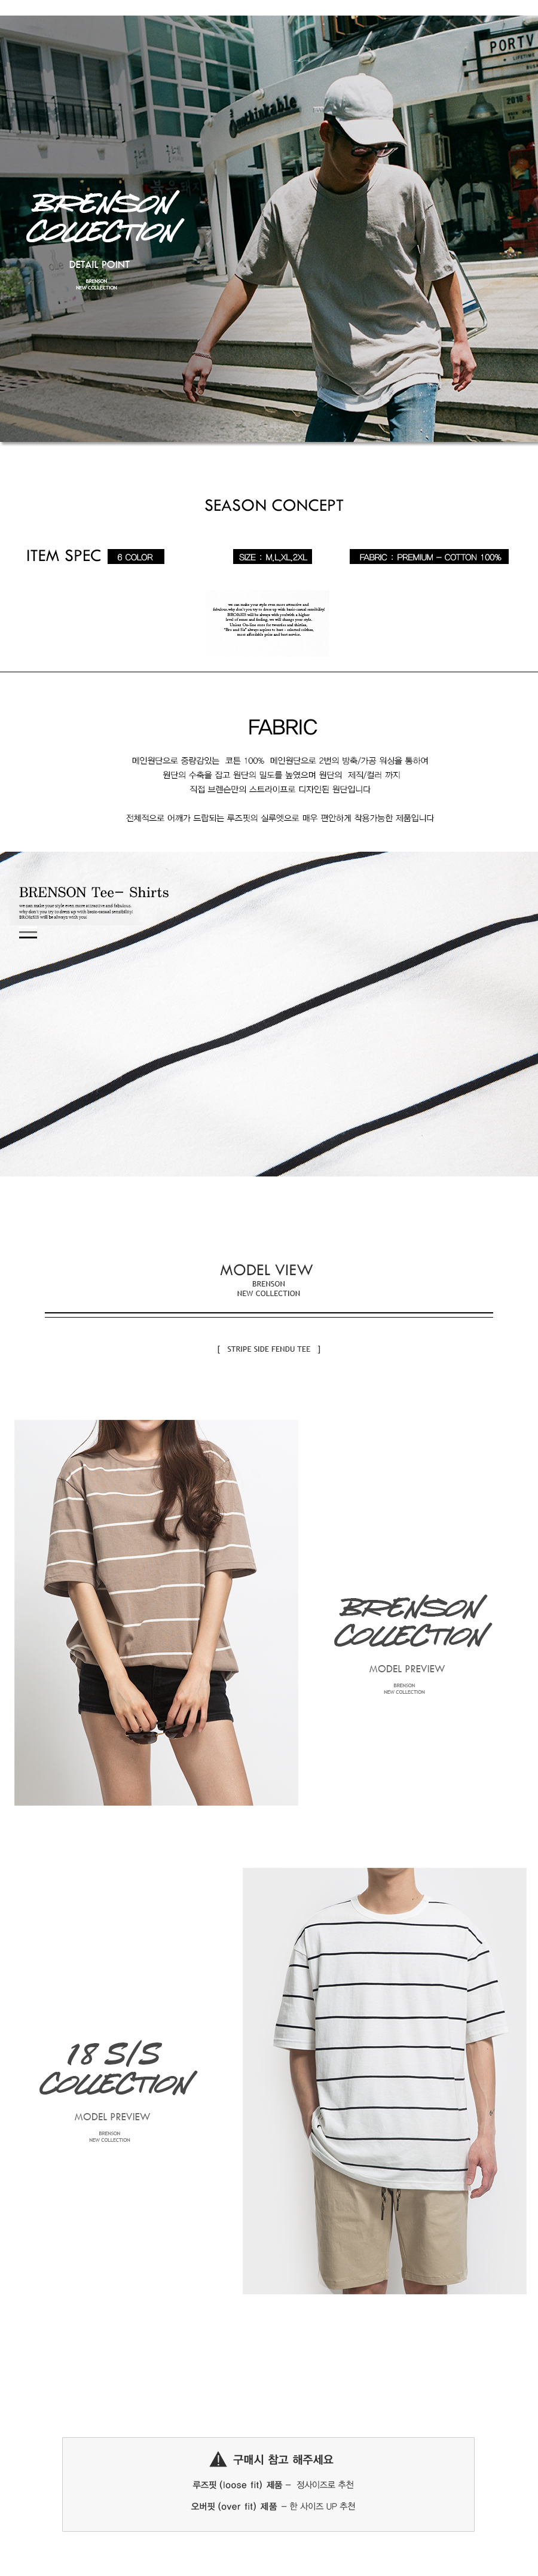 브렌슨(BRENSON) 루즈핏 핀스트라이프 사이드절개 티셔츠